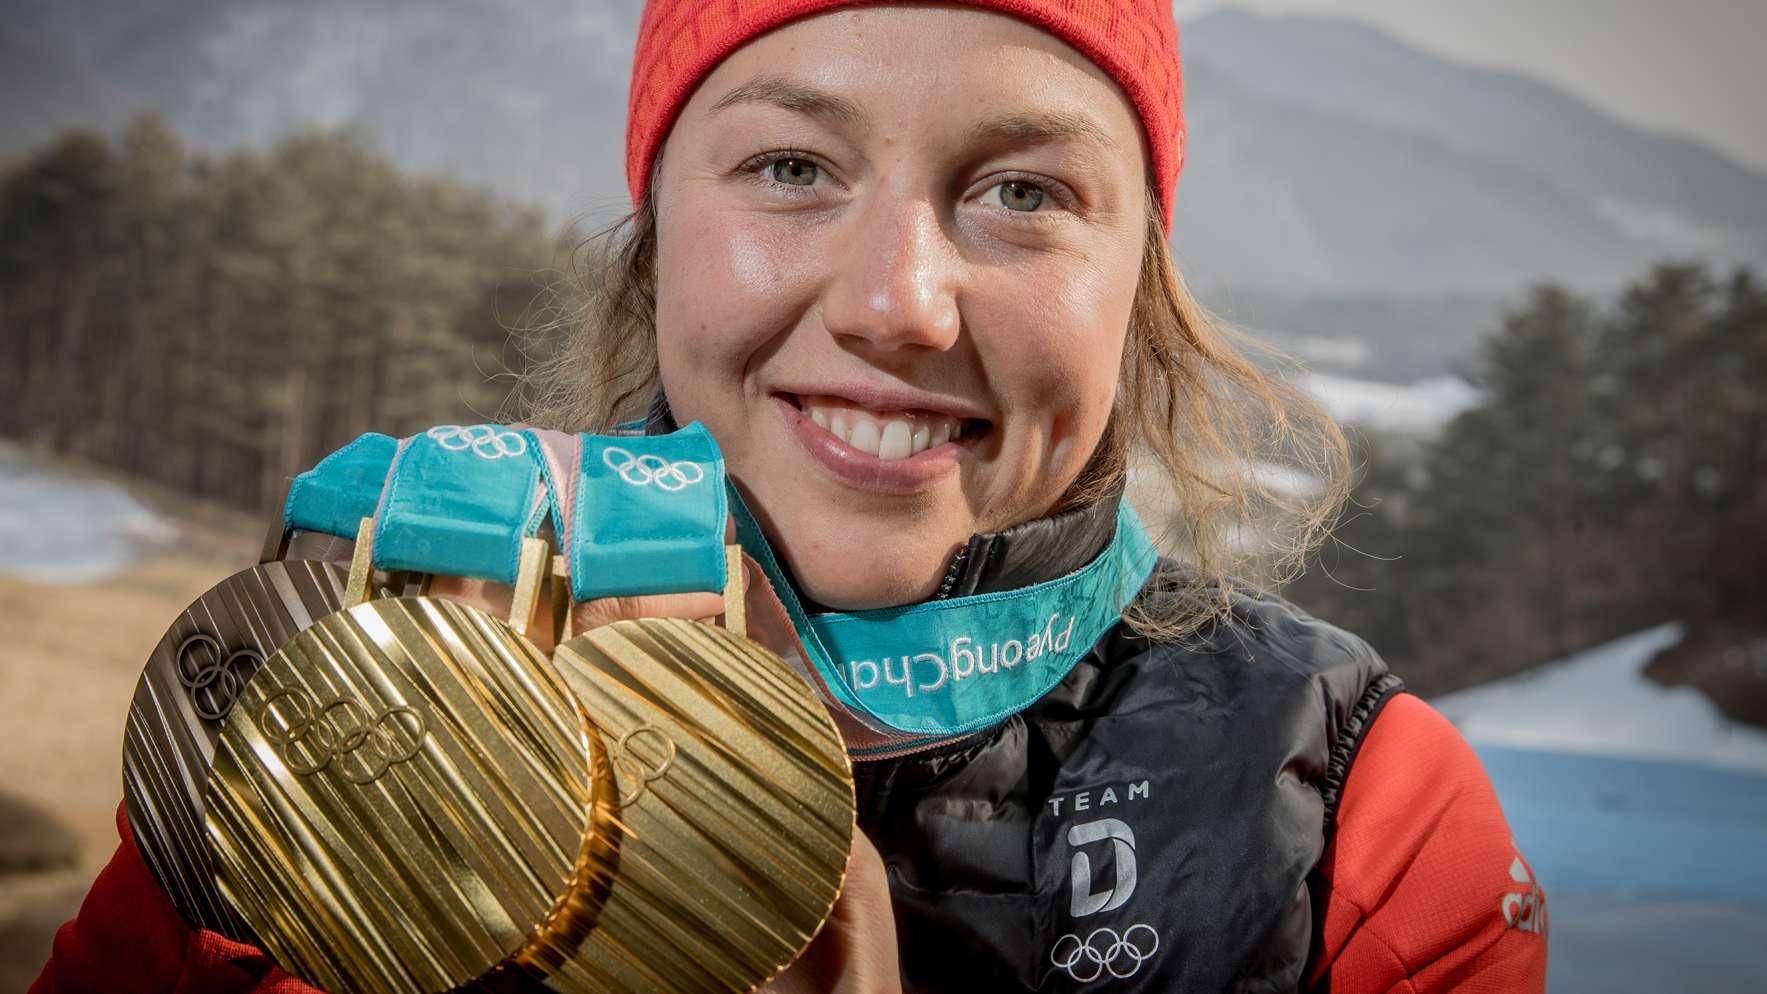 Laura Dahlmeier in Pyeongchang 2018